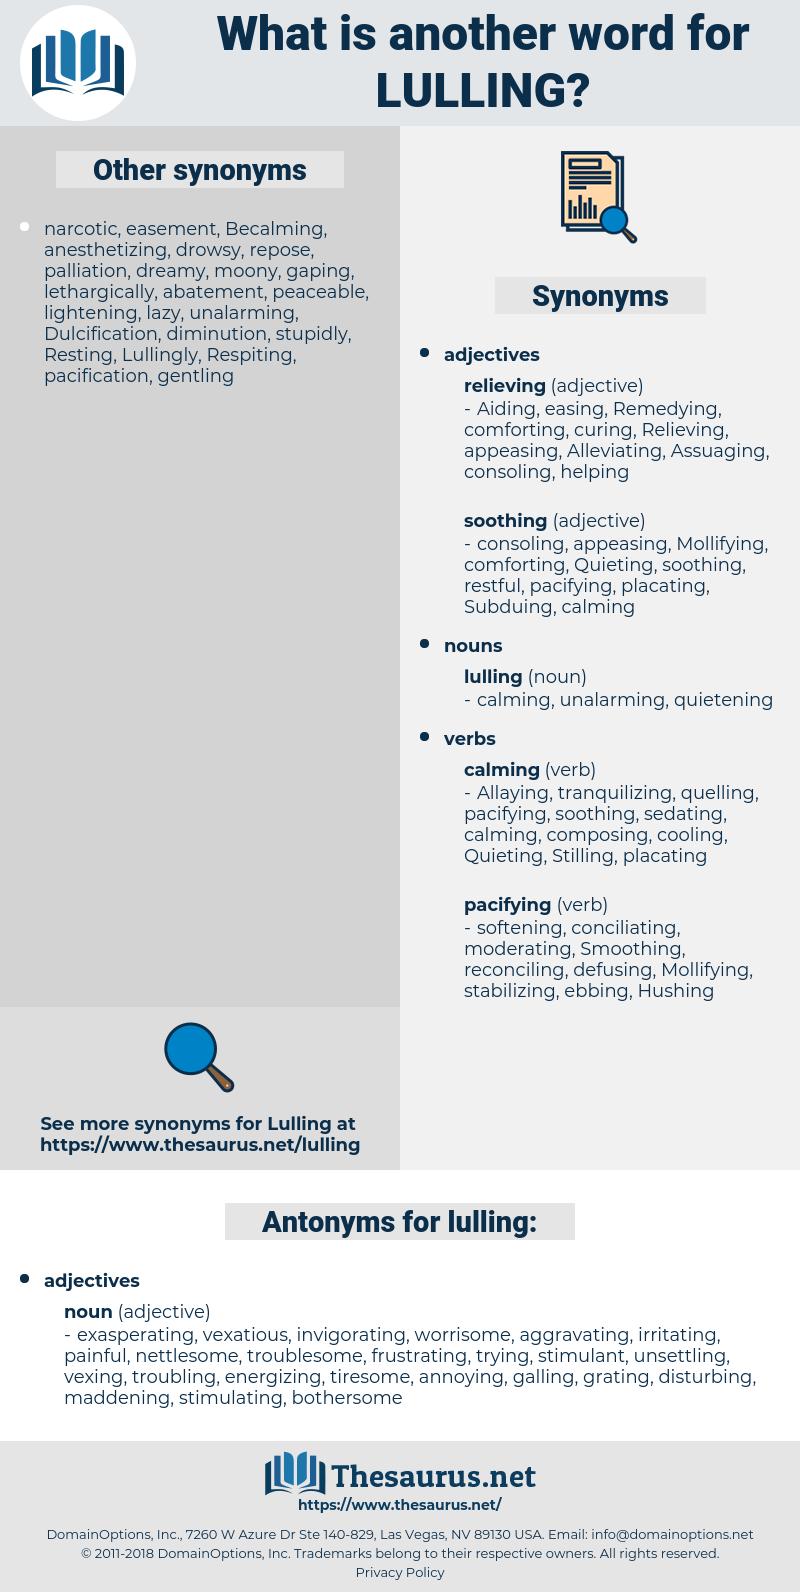 lulling, synonym lulling, another word for lulling, words like lulling, thesaurus lulling